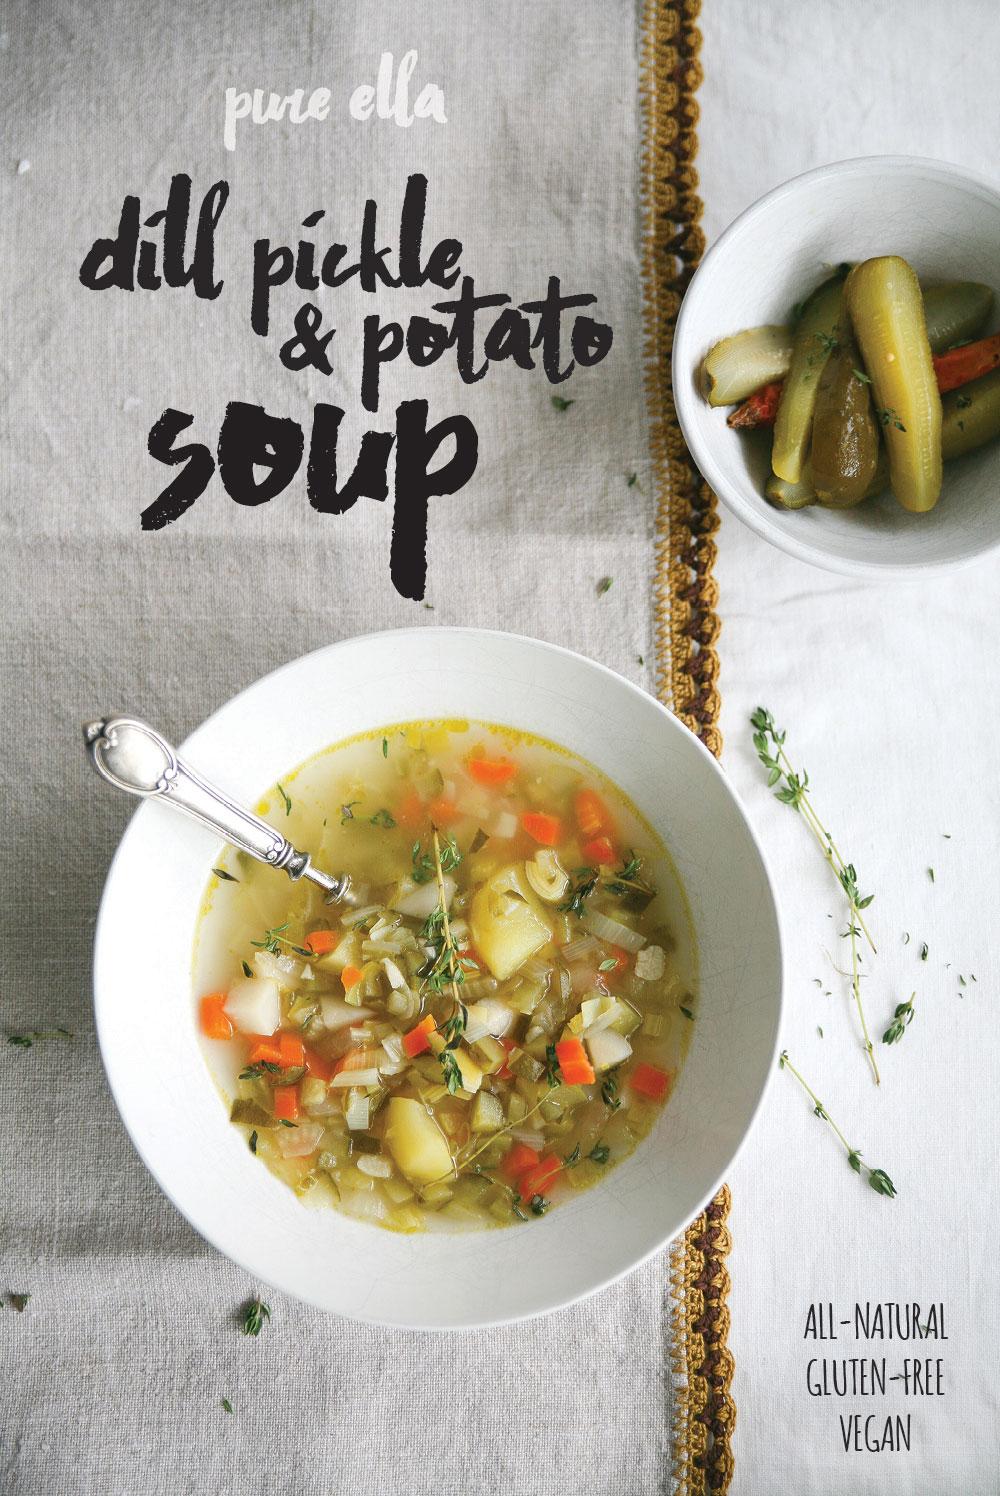 polish-pickle-soup-with-potatoes-ella-leche-pure-ella2